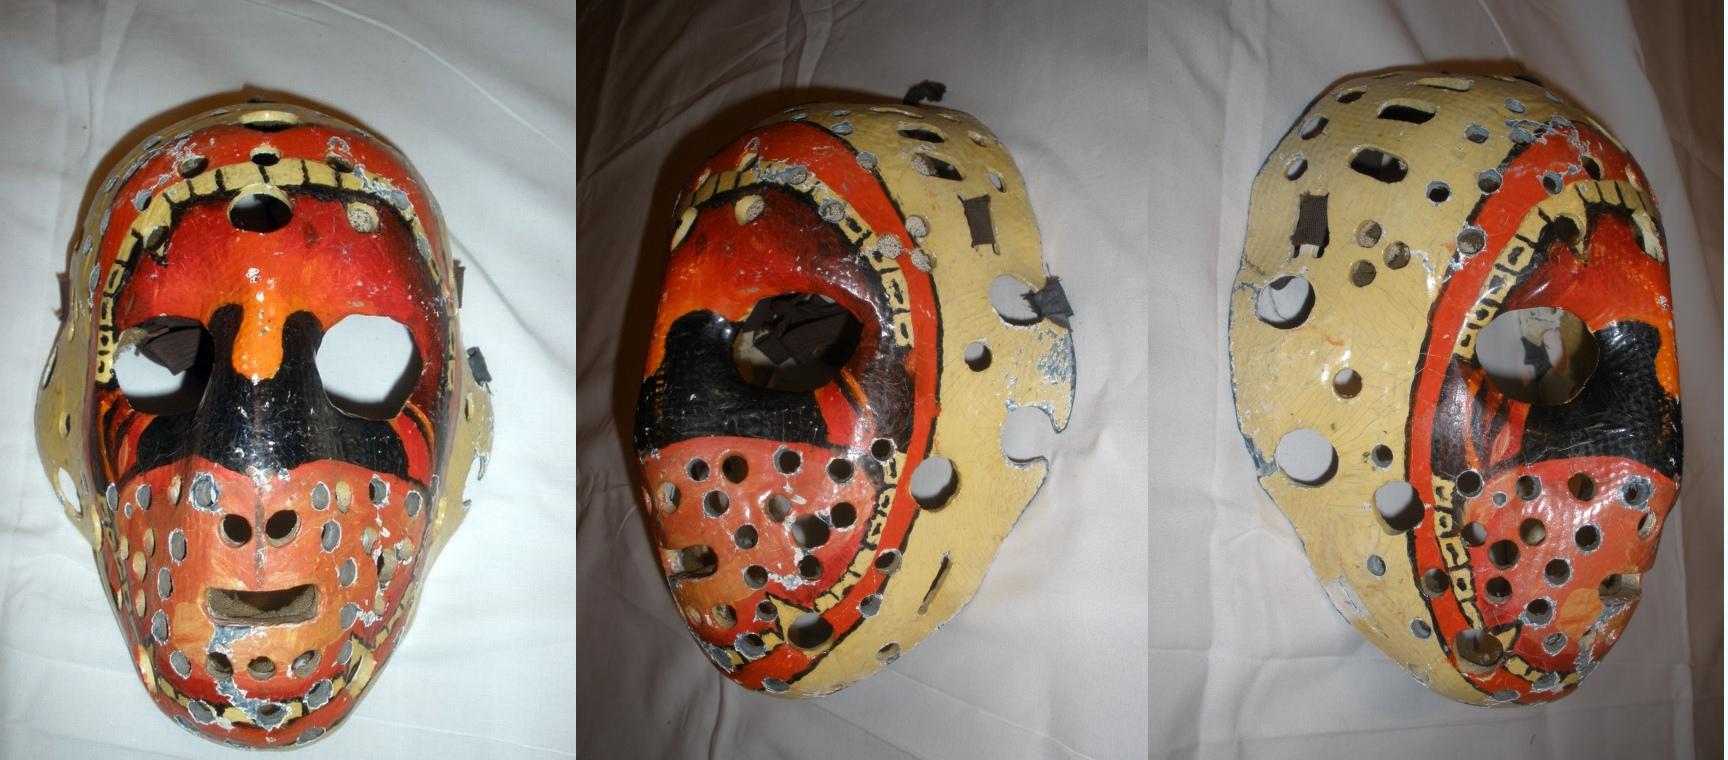 Tento typ obličejové masky používali například  Ken Dryden nebo pardubický Jiří Crha